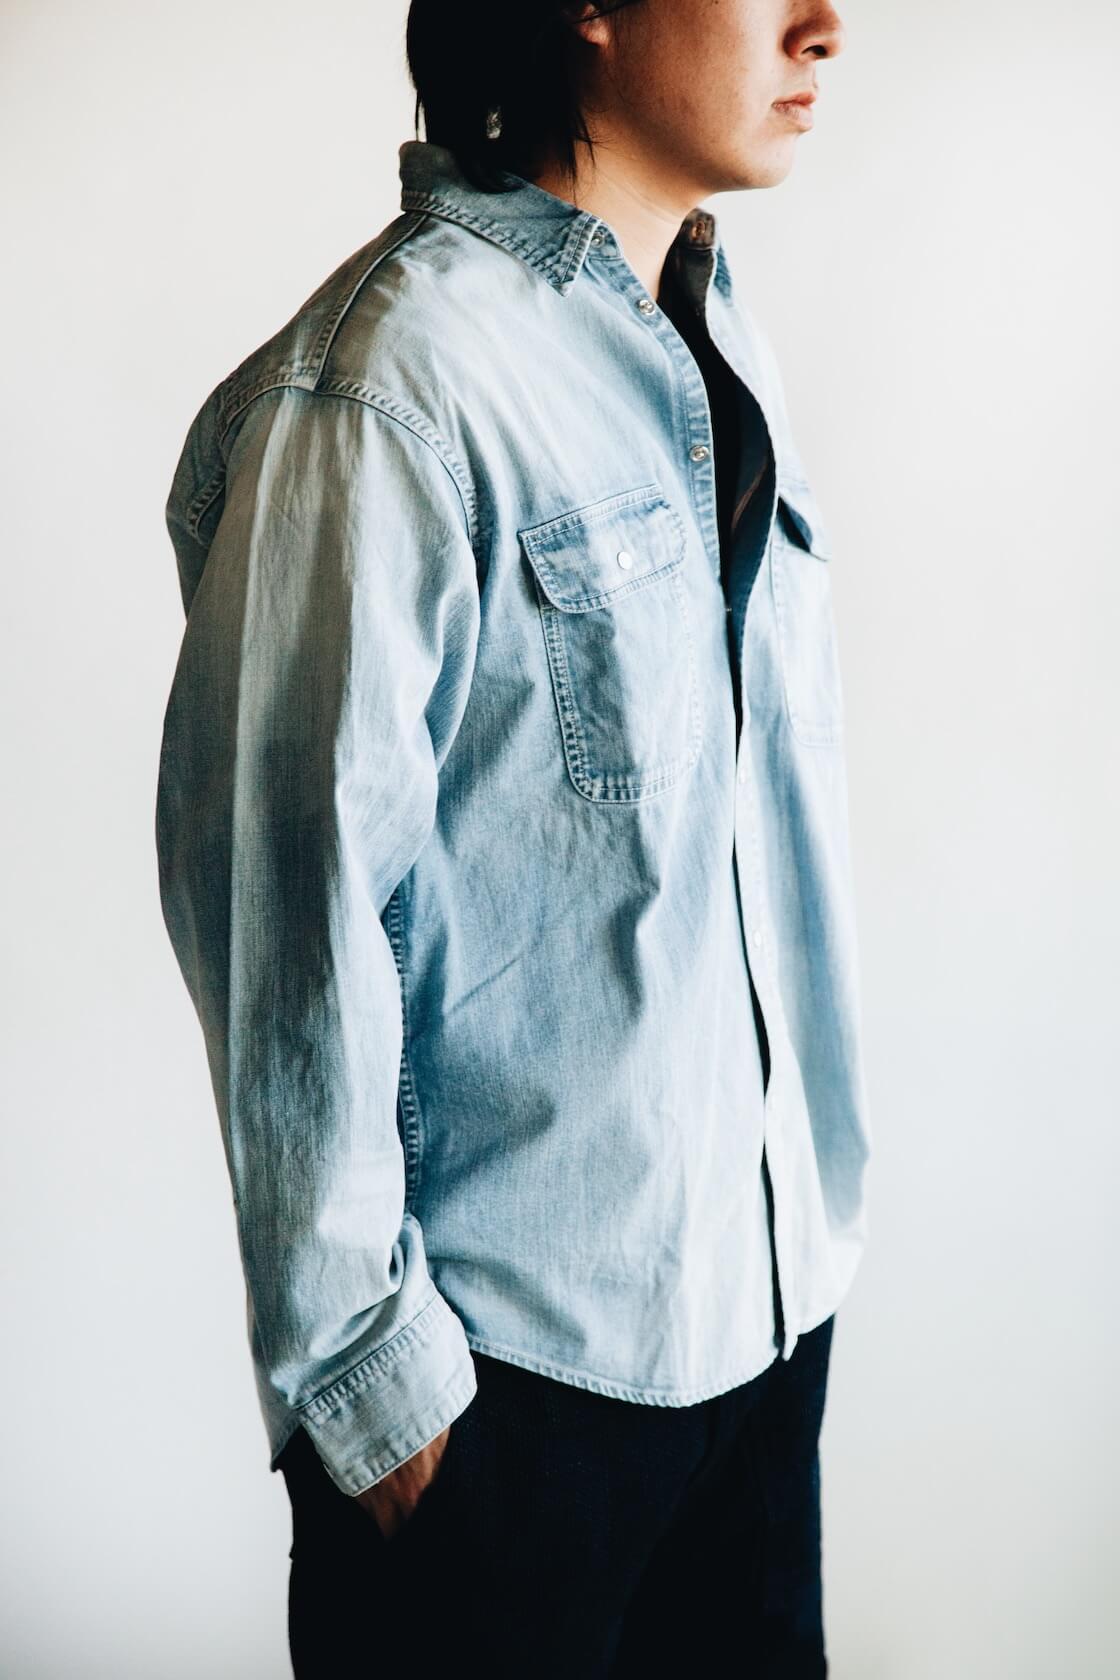 visvim ss handyman shirt, knickerbocker tube knit tee, pure blue japan selvedge sashiko denim utility shorts on body